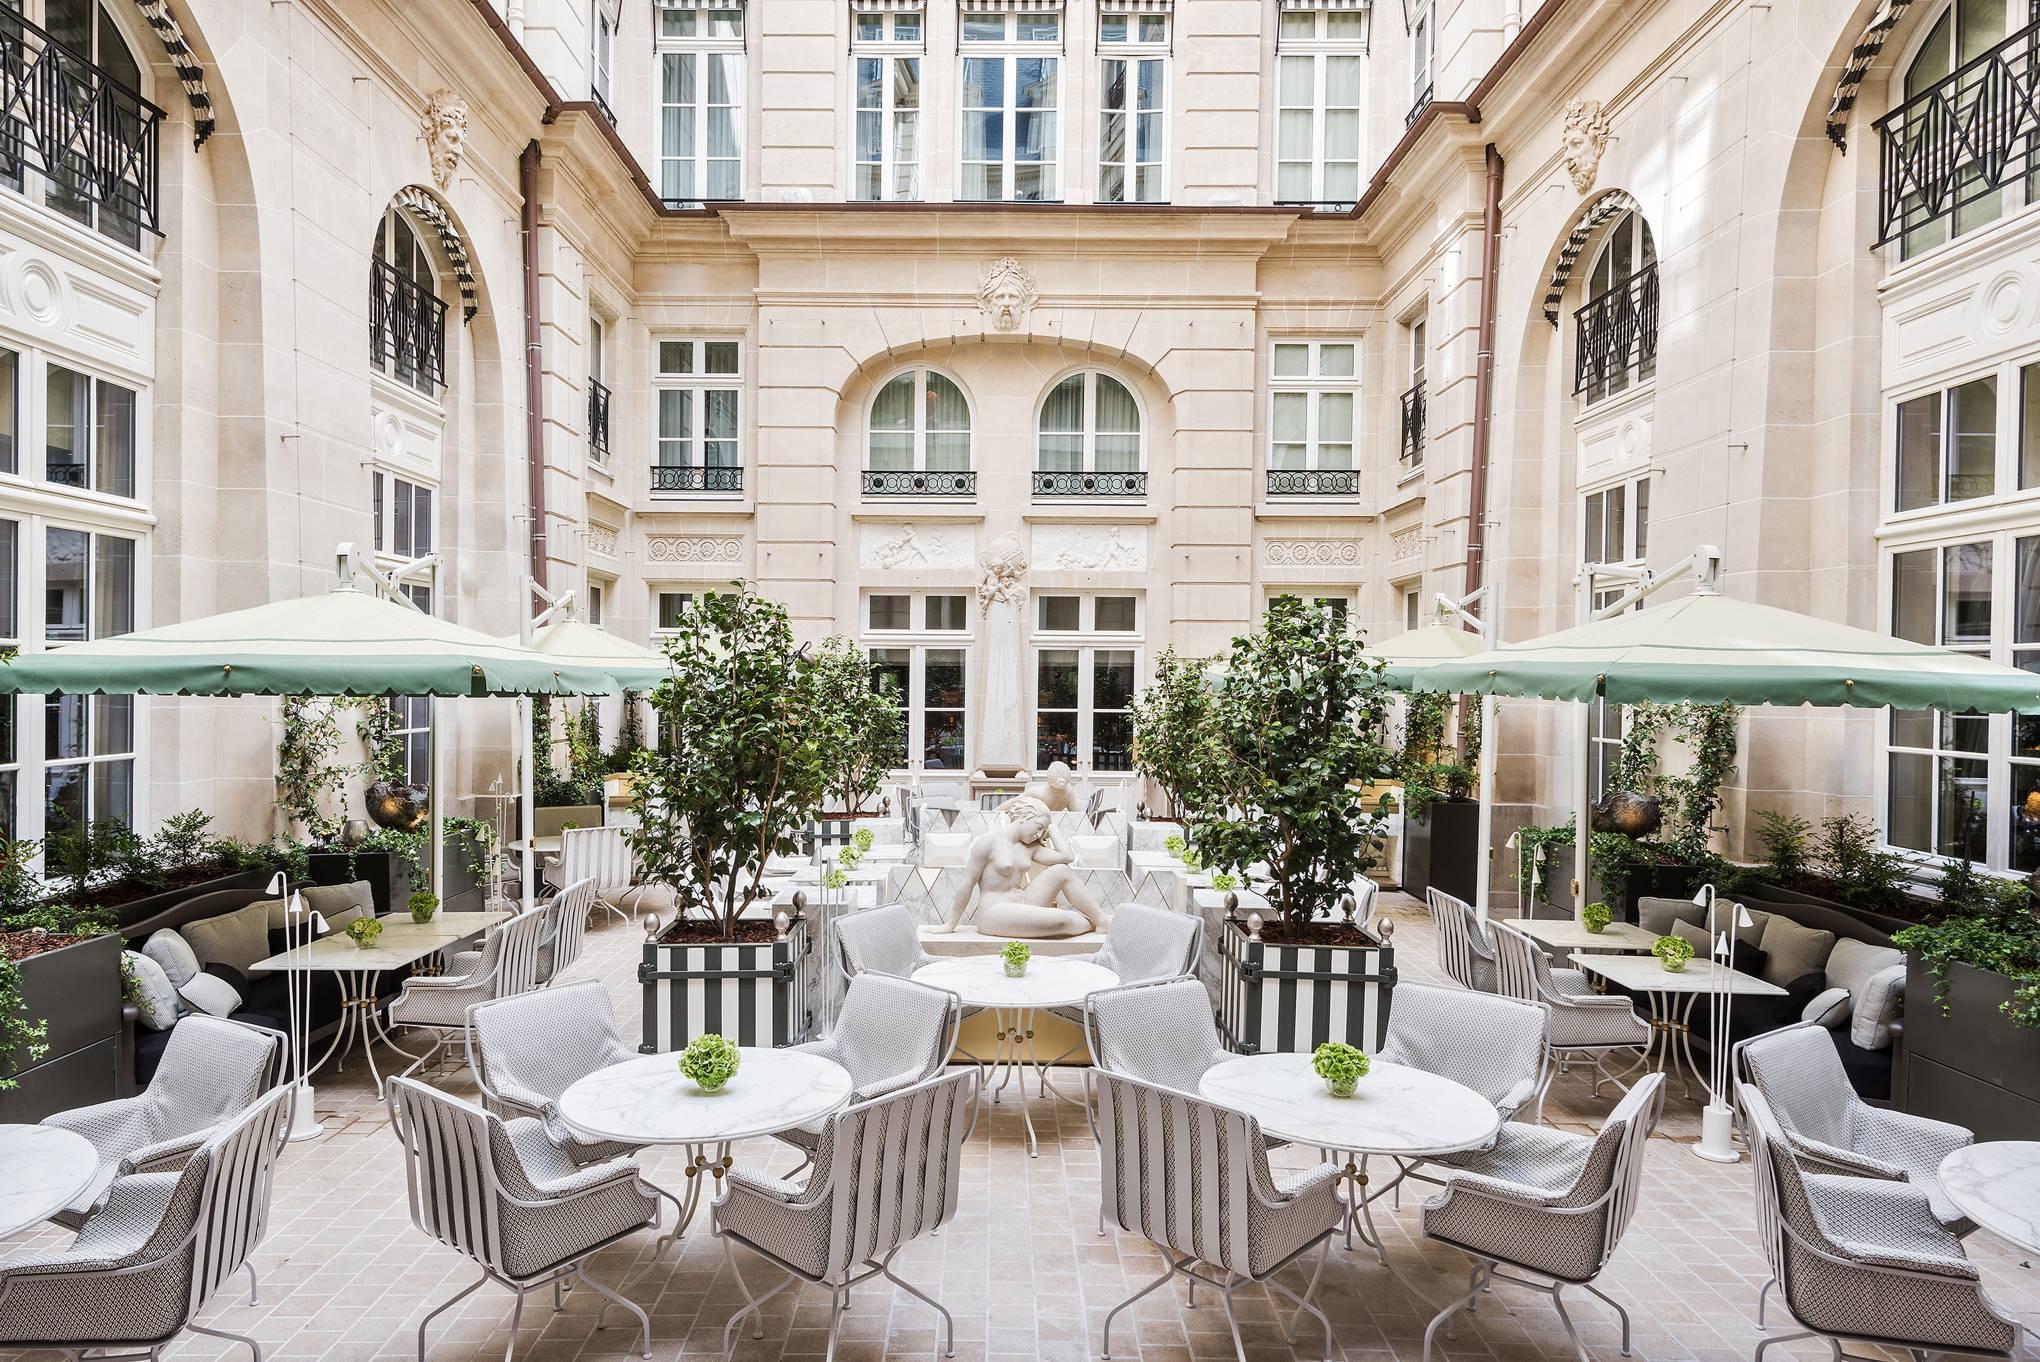 Hôtel de Crillon review | CN Traveller